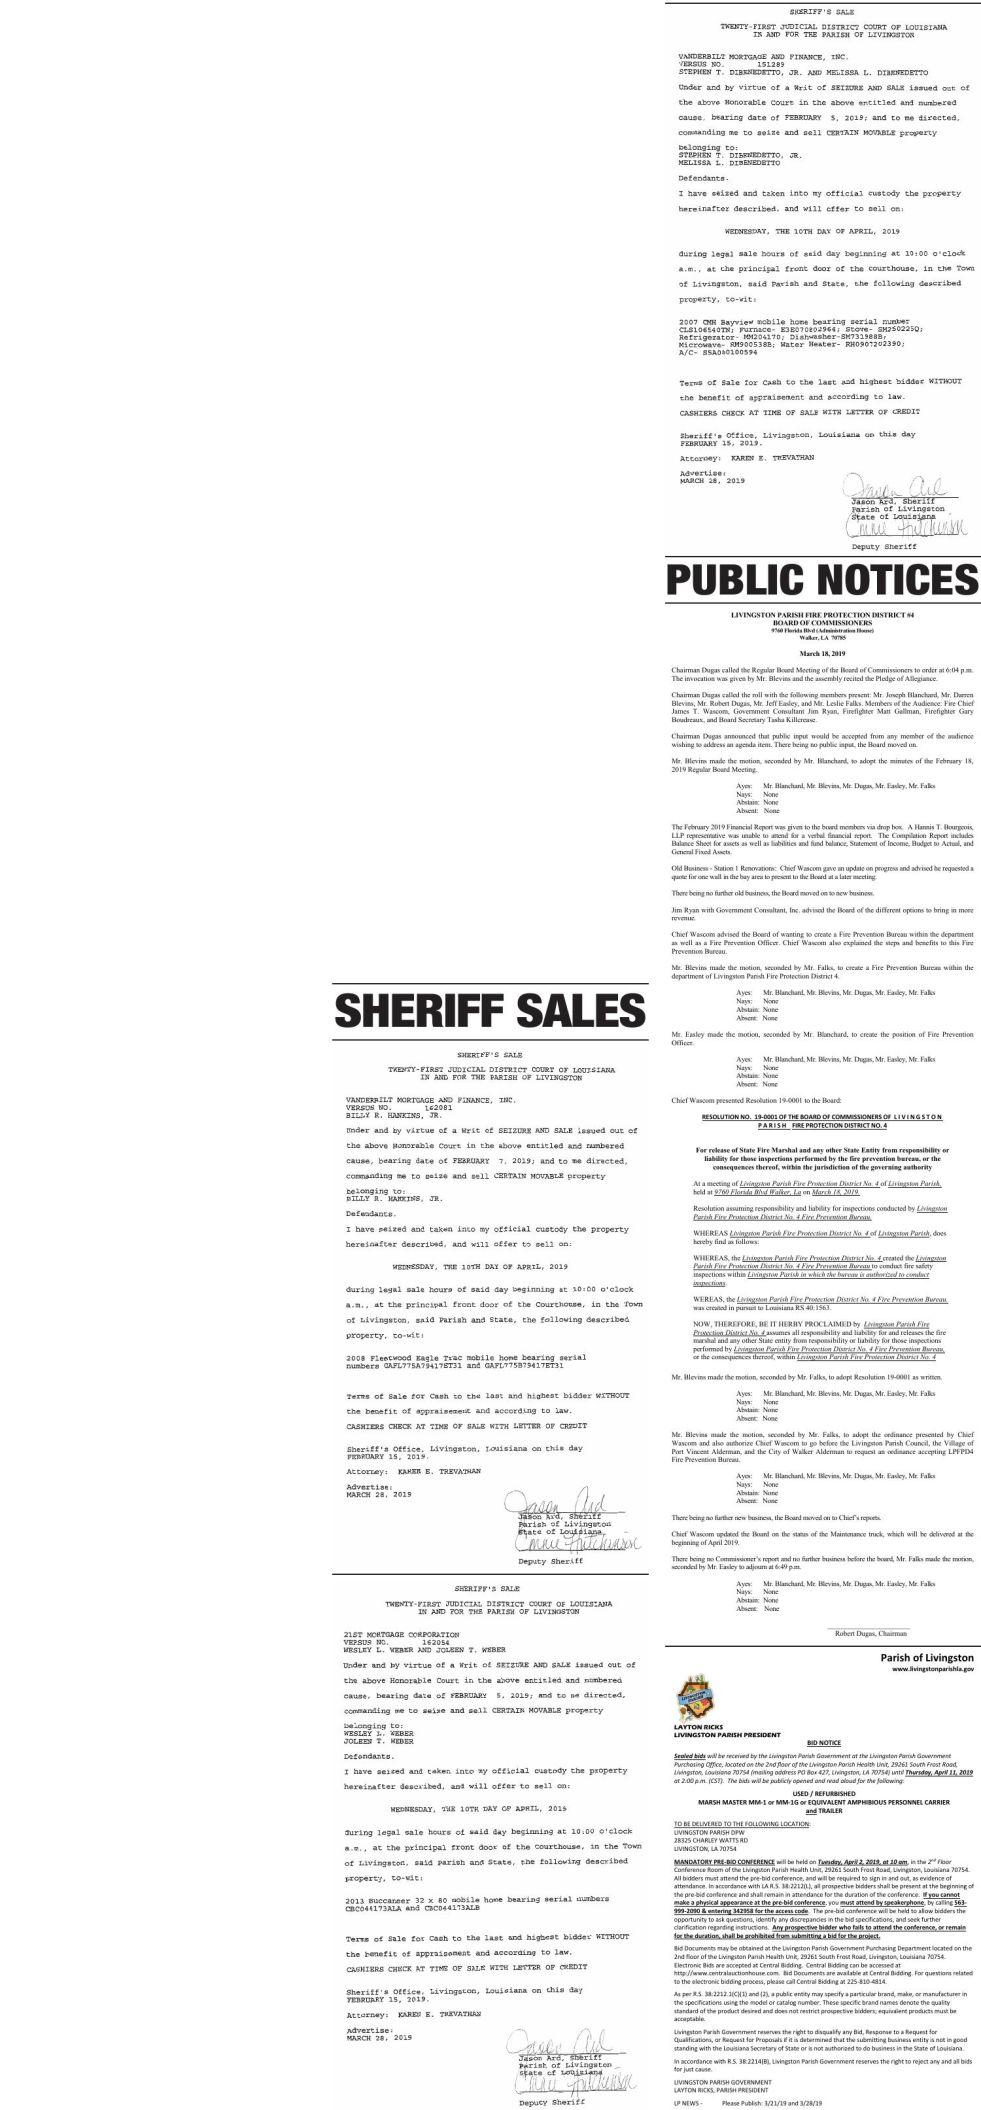 Public Notices published March 28, 2019